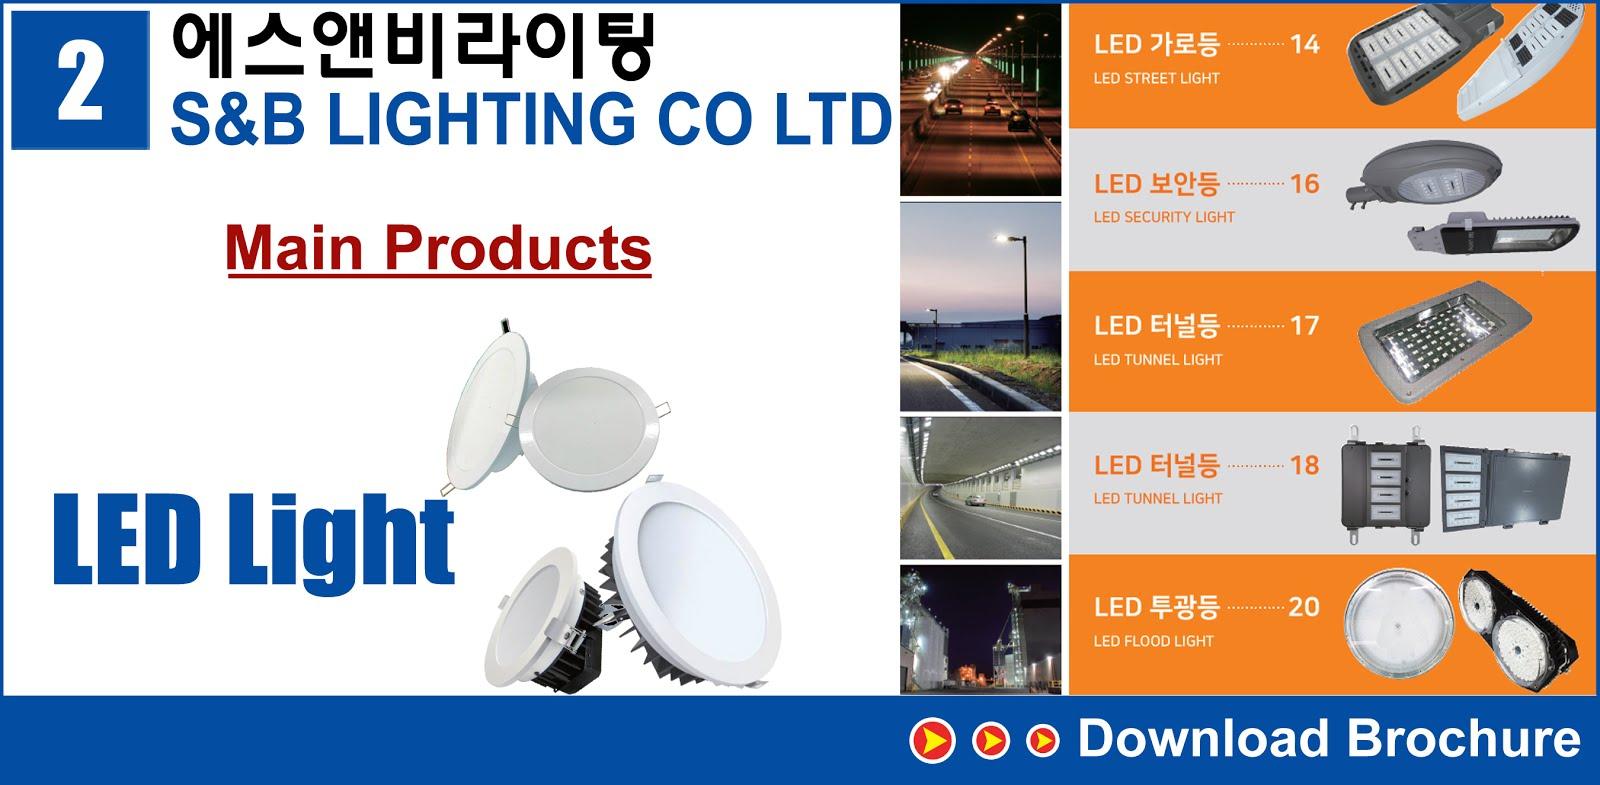 2.S&B LIGHTING CO LTD